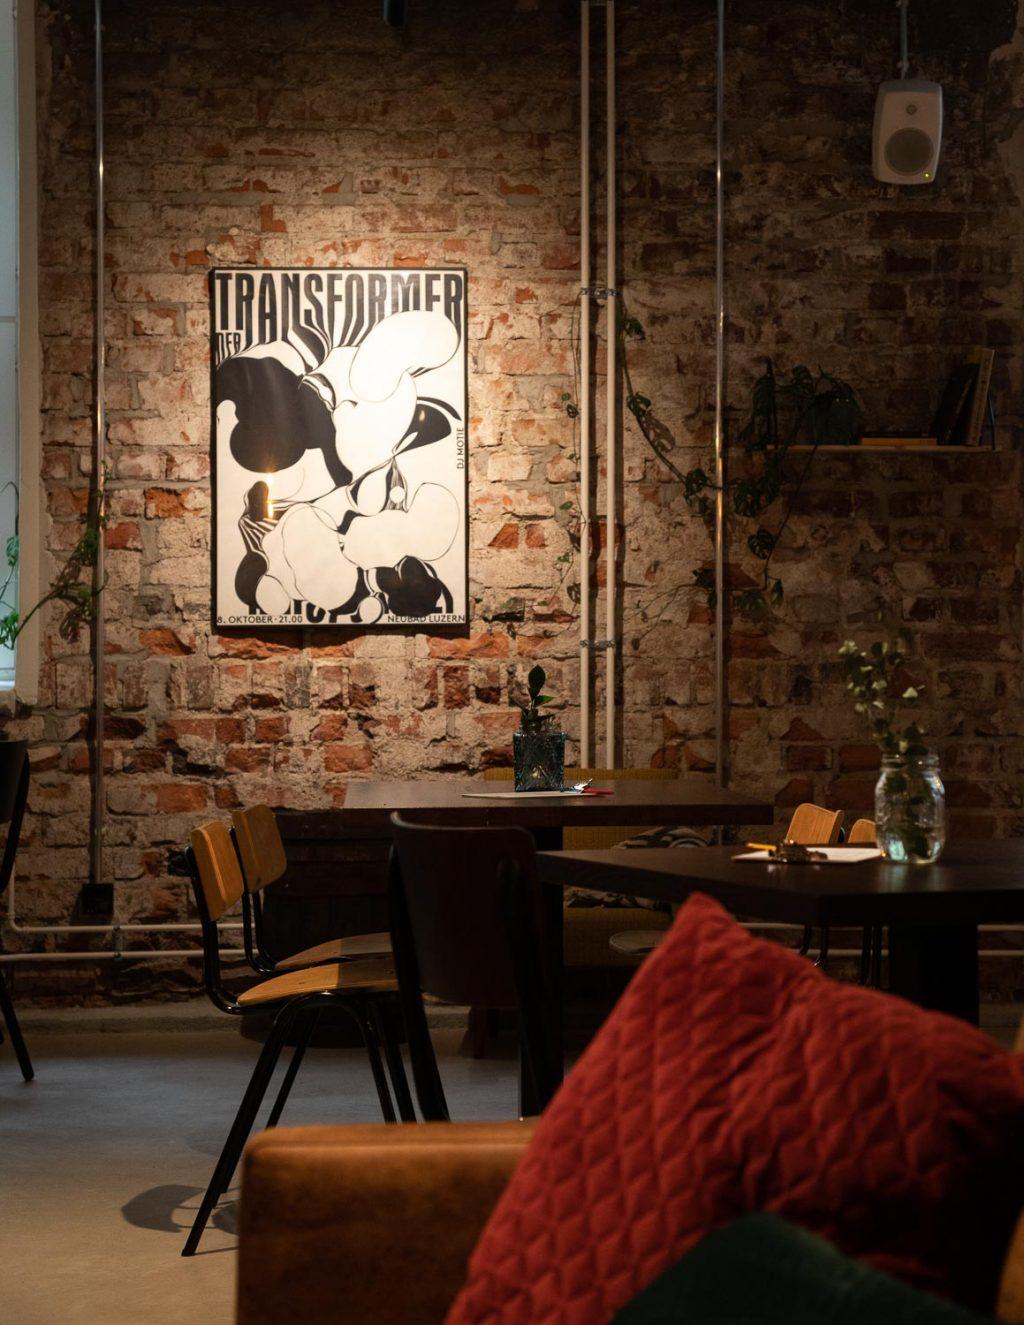 Ravintolan pöytä ja sohva, sohvatyynyjä. Tiiliseinällä mustavalkoinen juliste kehyksissä.